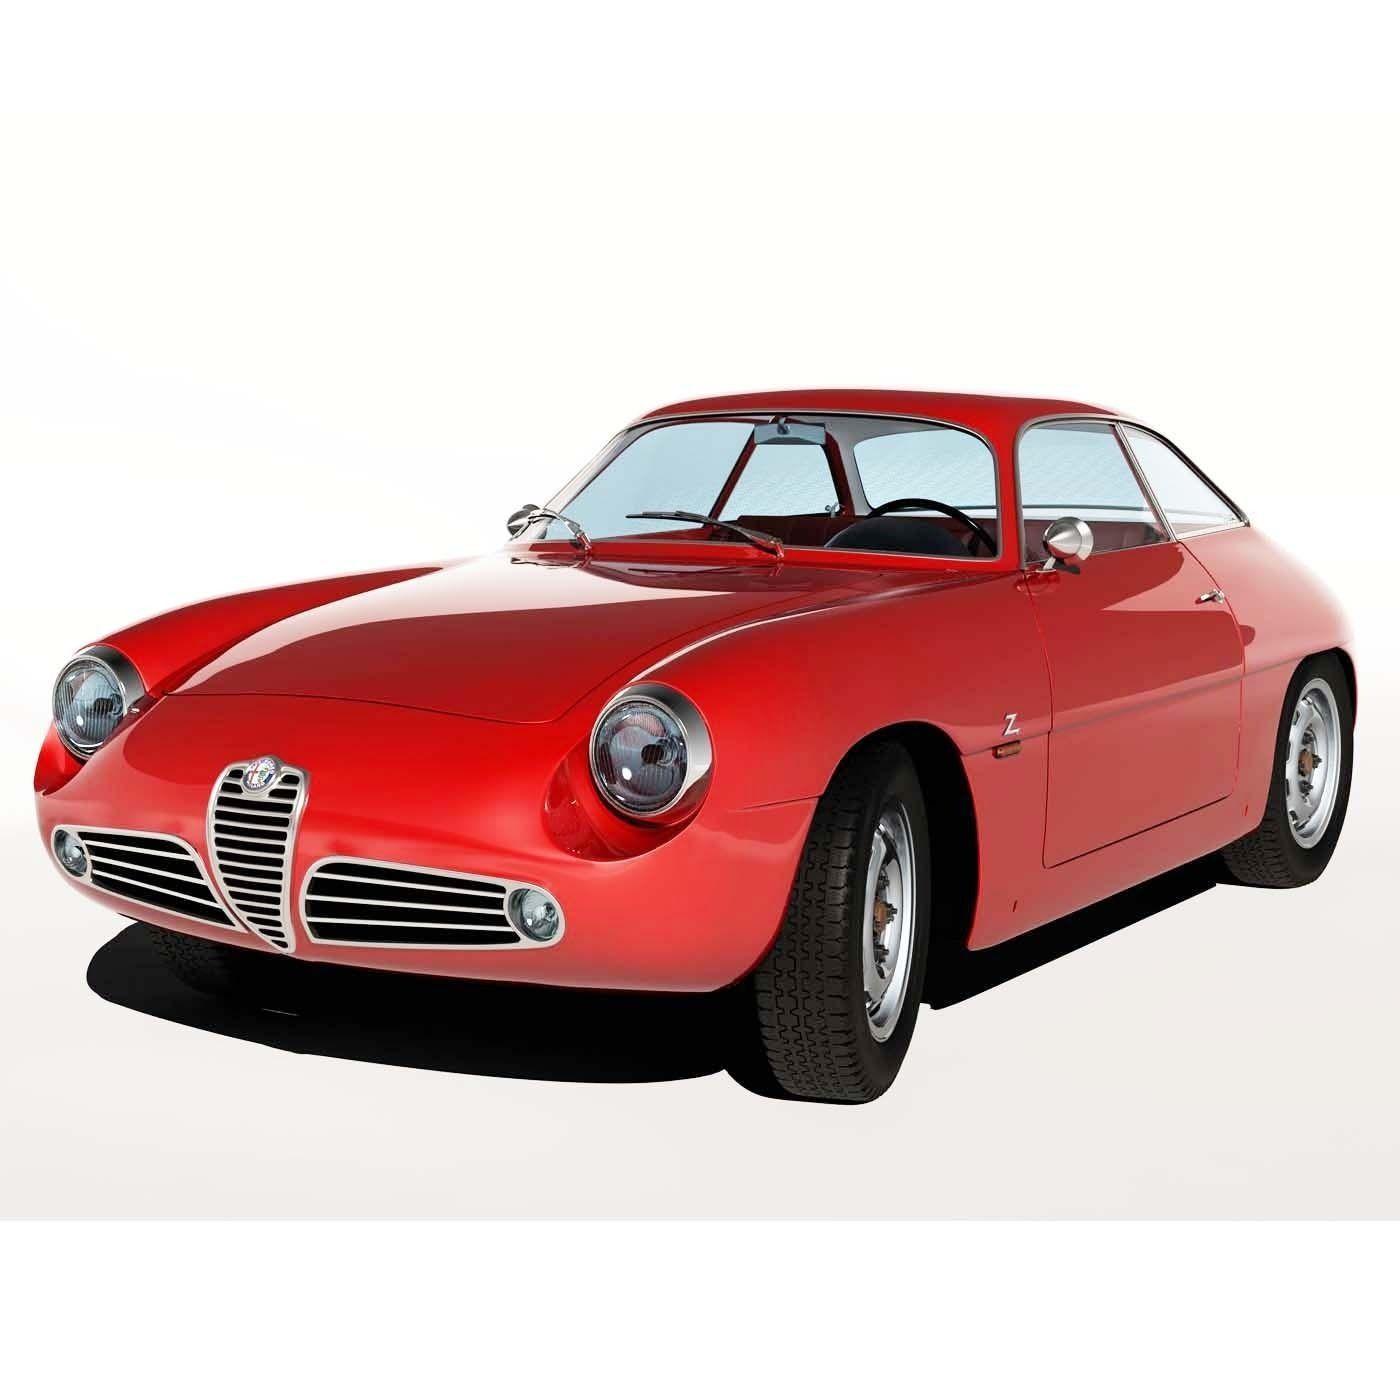 1960 alfa romeo giulietta sz 3d model max. Black Bedroom Furniture Sets. Home Design Ideas